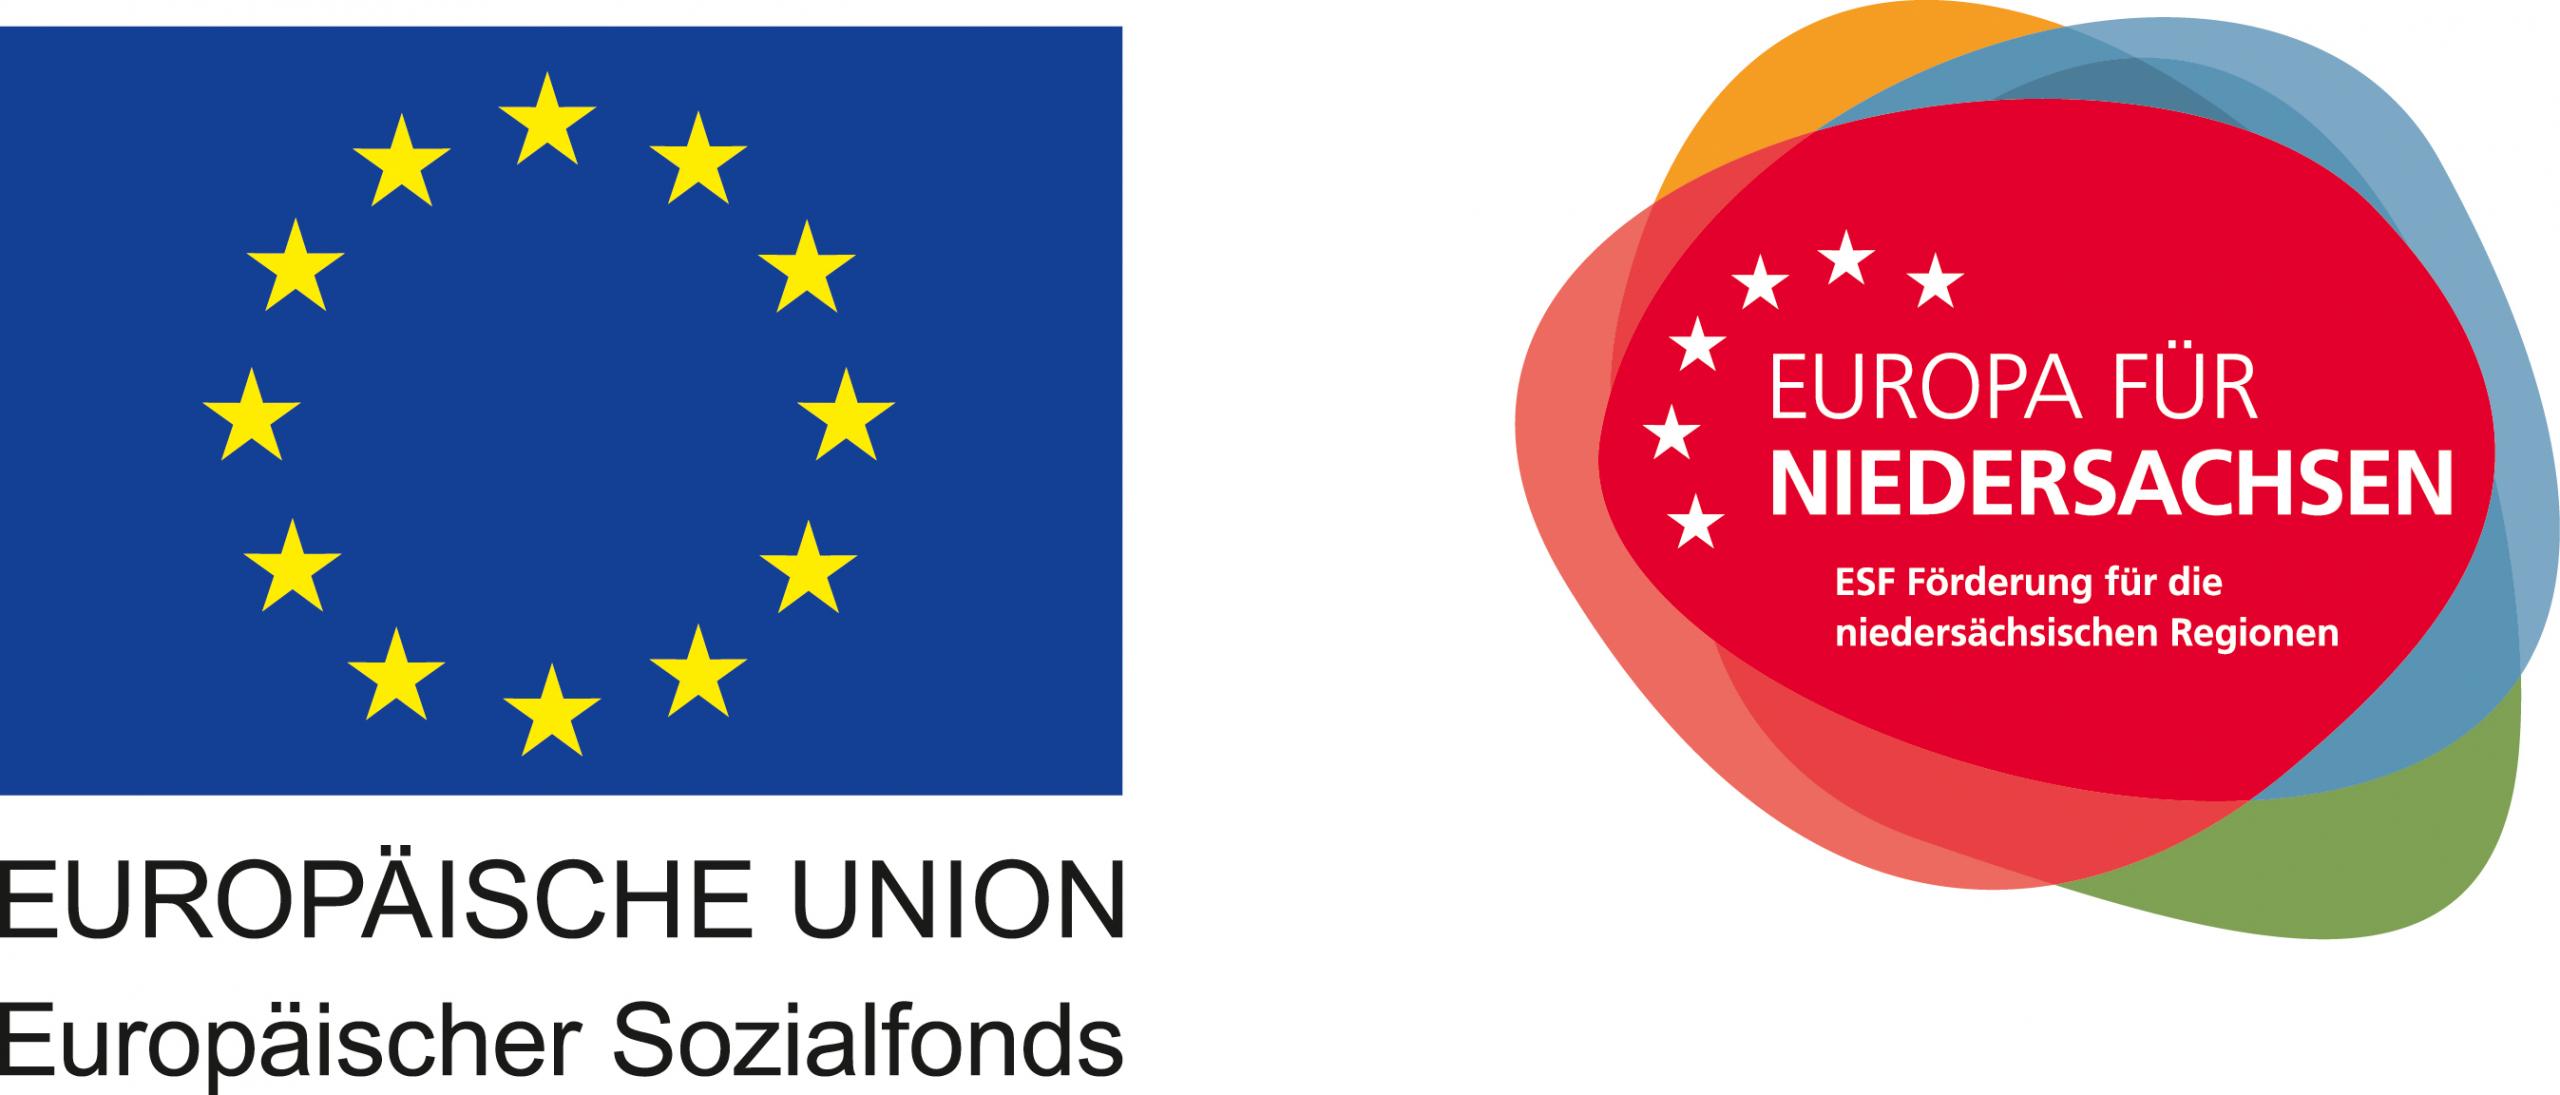 Europäisch Union Sozialfonds Logo und Siegel Europa Niedersachsen - Reha-OT